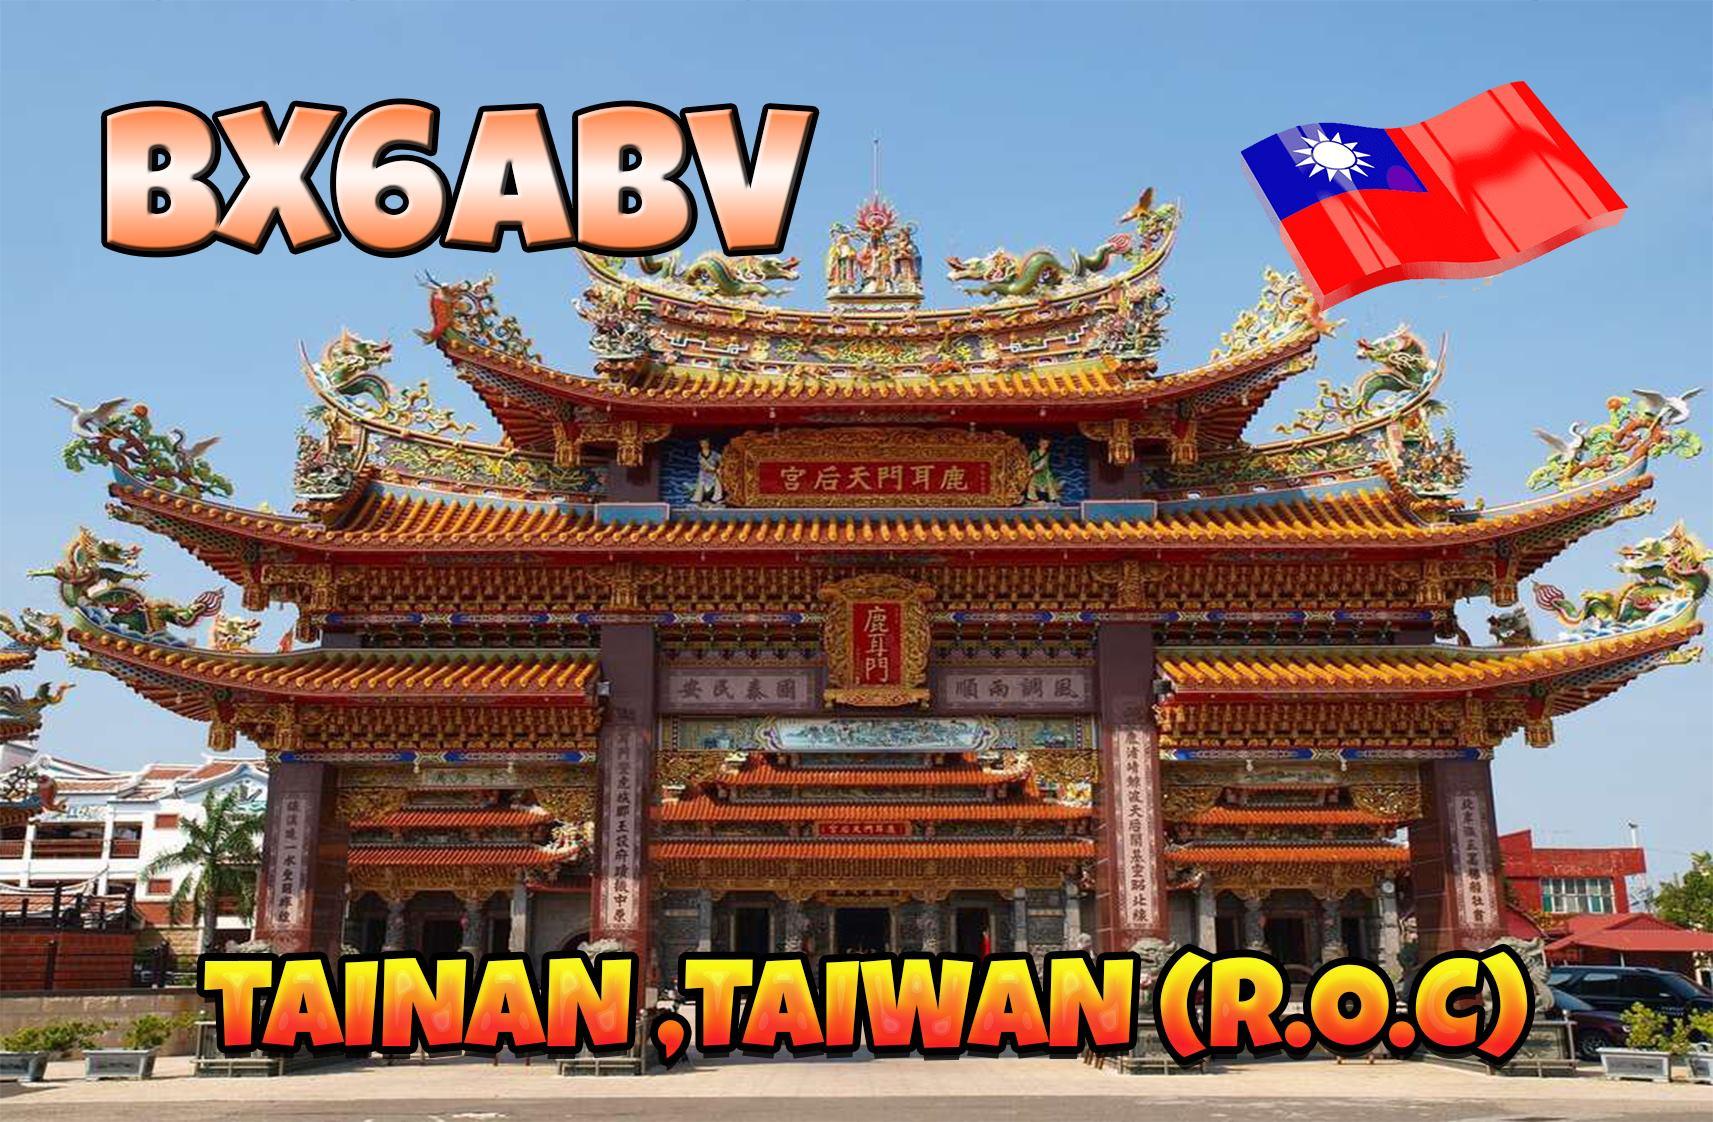 BX6ABV Tainan, Taiwan QSL Card